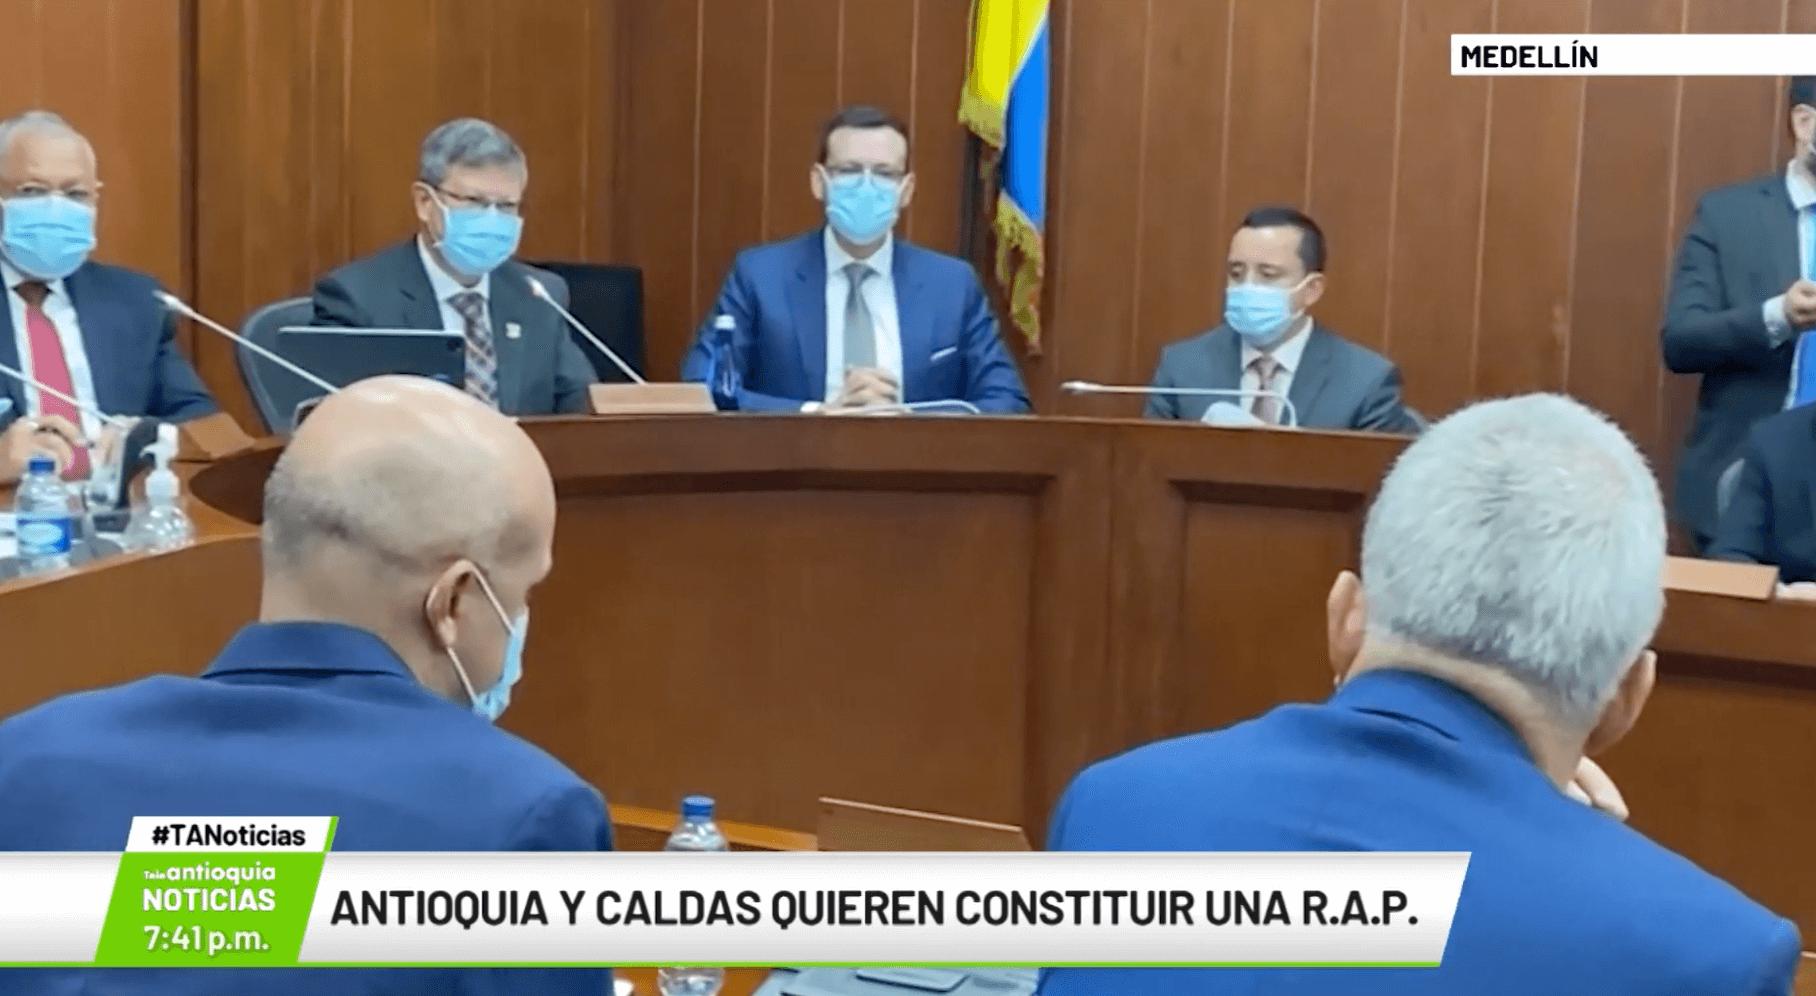 Antioquia y Caldas quieren construir una R.A.P